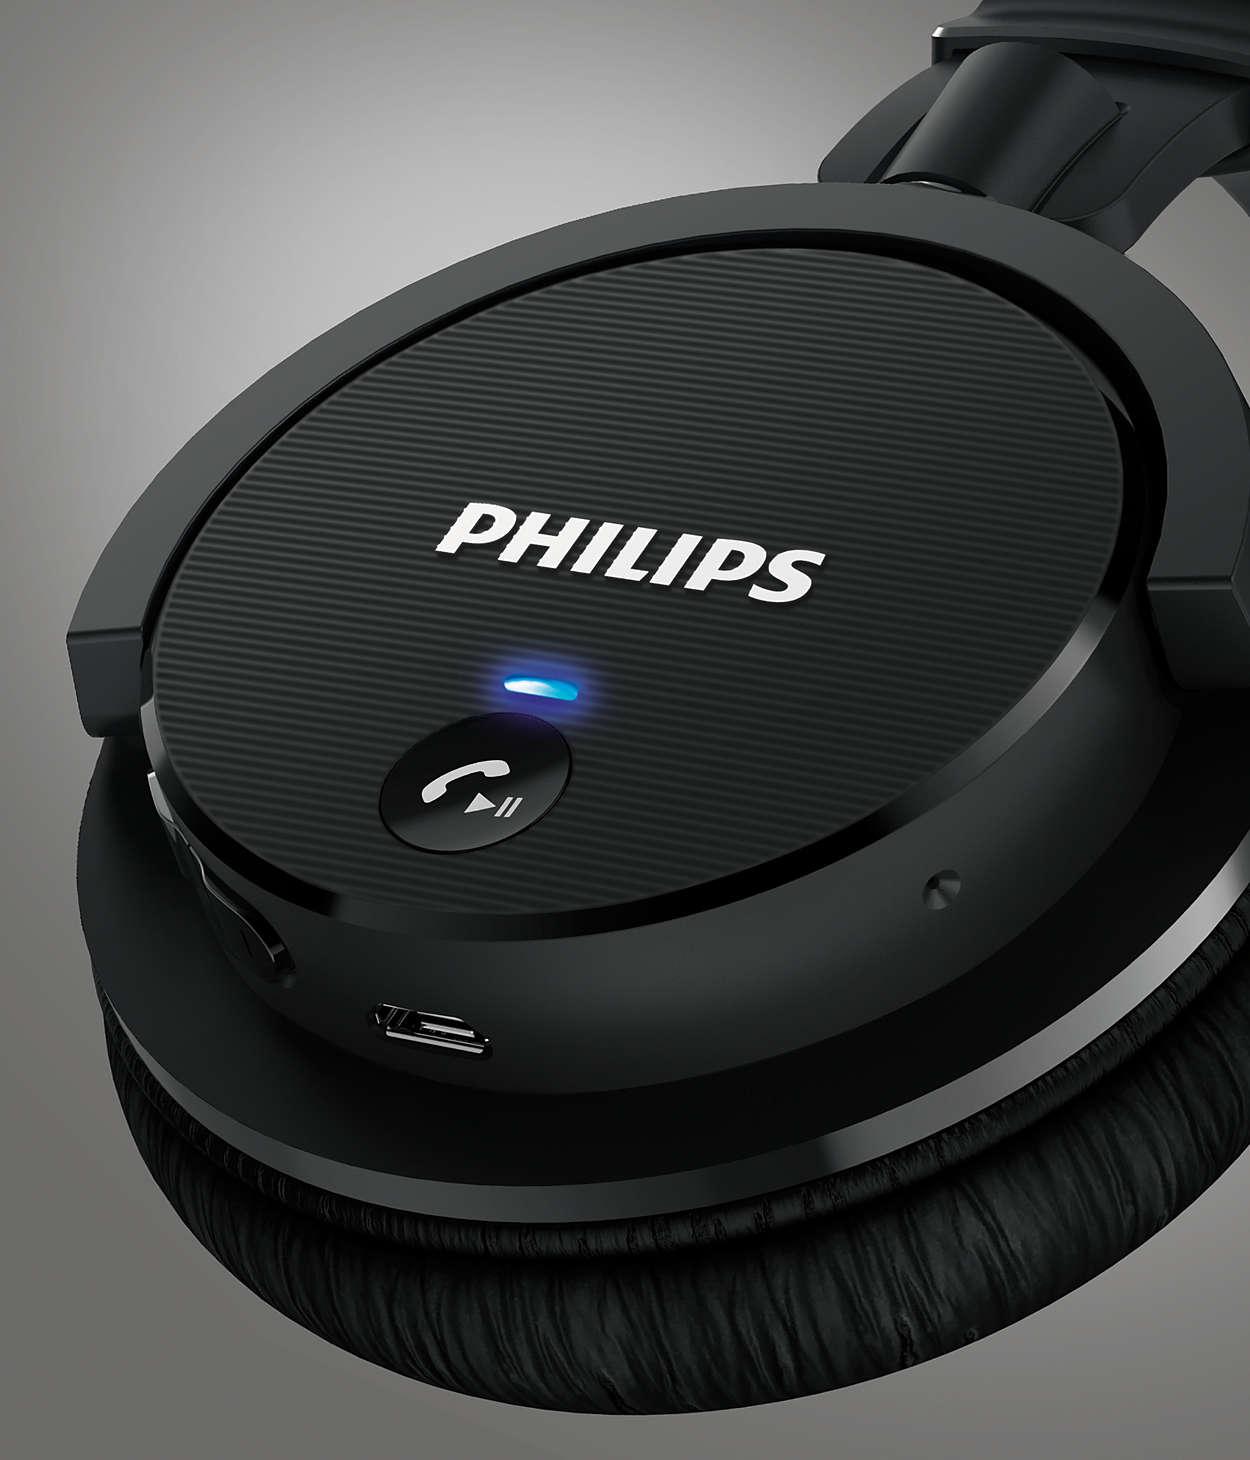 comparatif des casques audio pour smartphone pas cher meilleur mobile. Black Bedroom Furniture Sets. Home Design Ideas